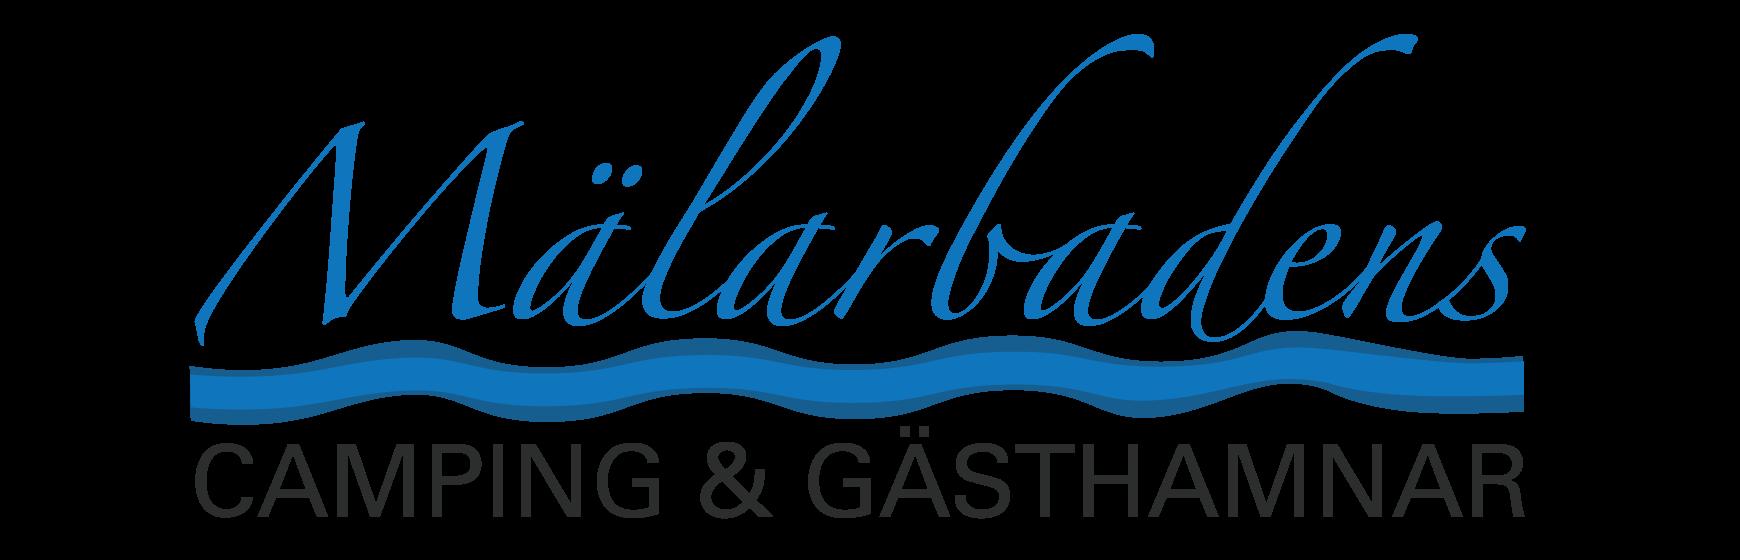 Välkommen till Mälarbadens camping & gästhamnar